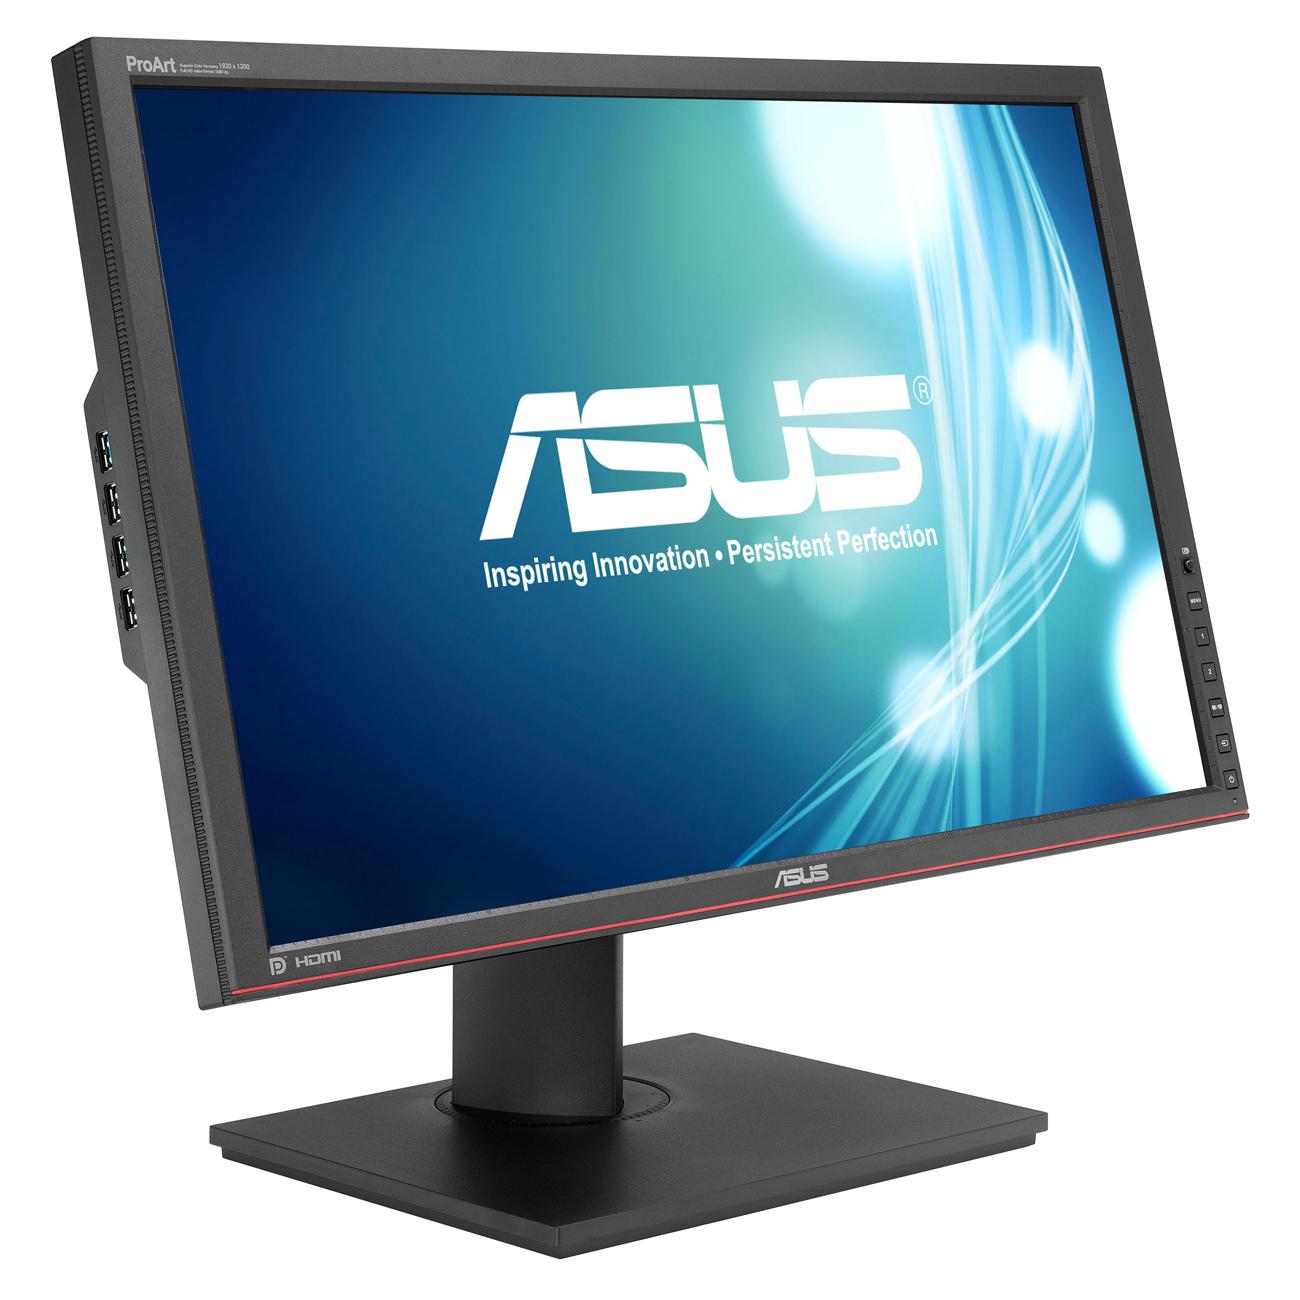 """Ecran PC ASUS 24.1"""" LED - PA248Q 1920 x 1200 pixels - 6 ms (gris à gris) - Format large 16/10 - Dalle IPS - Flicker Free - Pivot - Hub USB 3.0 - HDMI (garantie constructeur 3 ans)"""